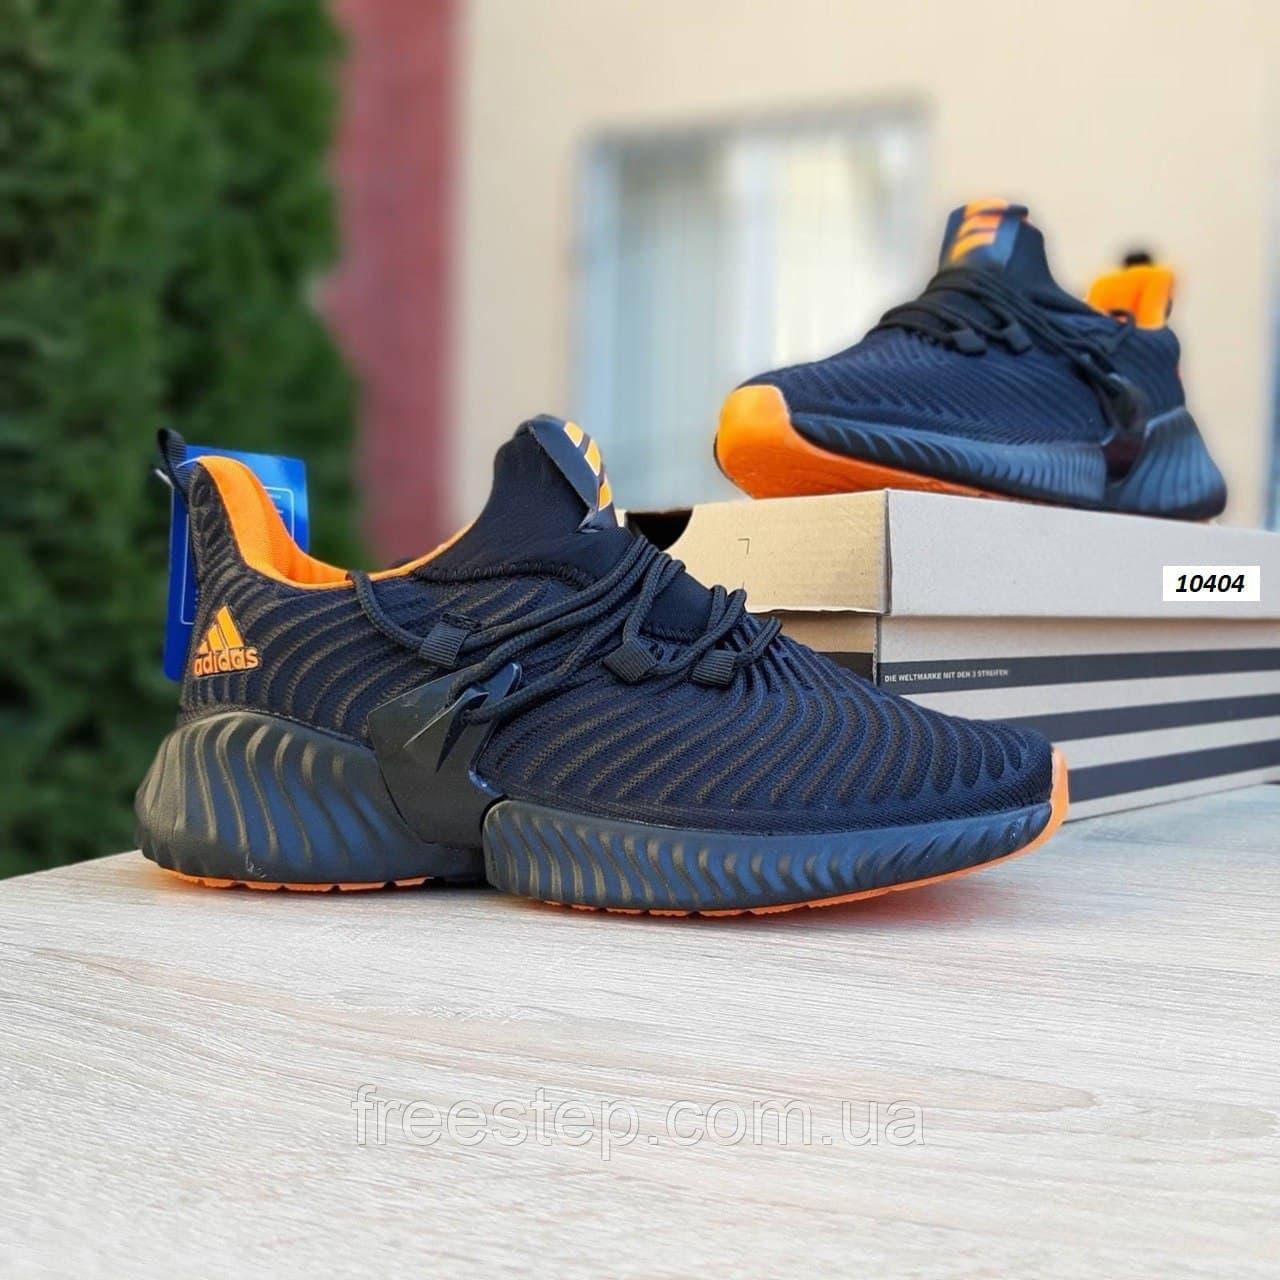 Чоловічі кросівки в стилі Adidas Alphabounce чорні з помаранчевим